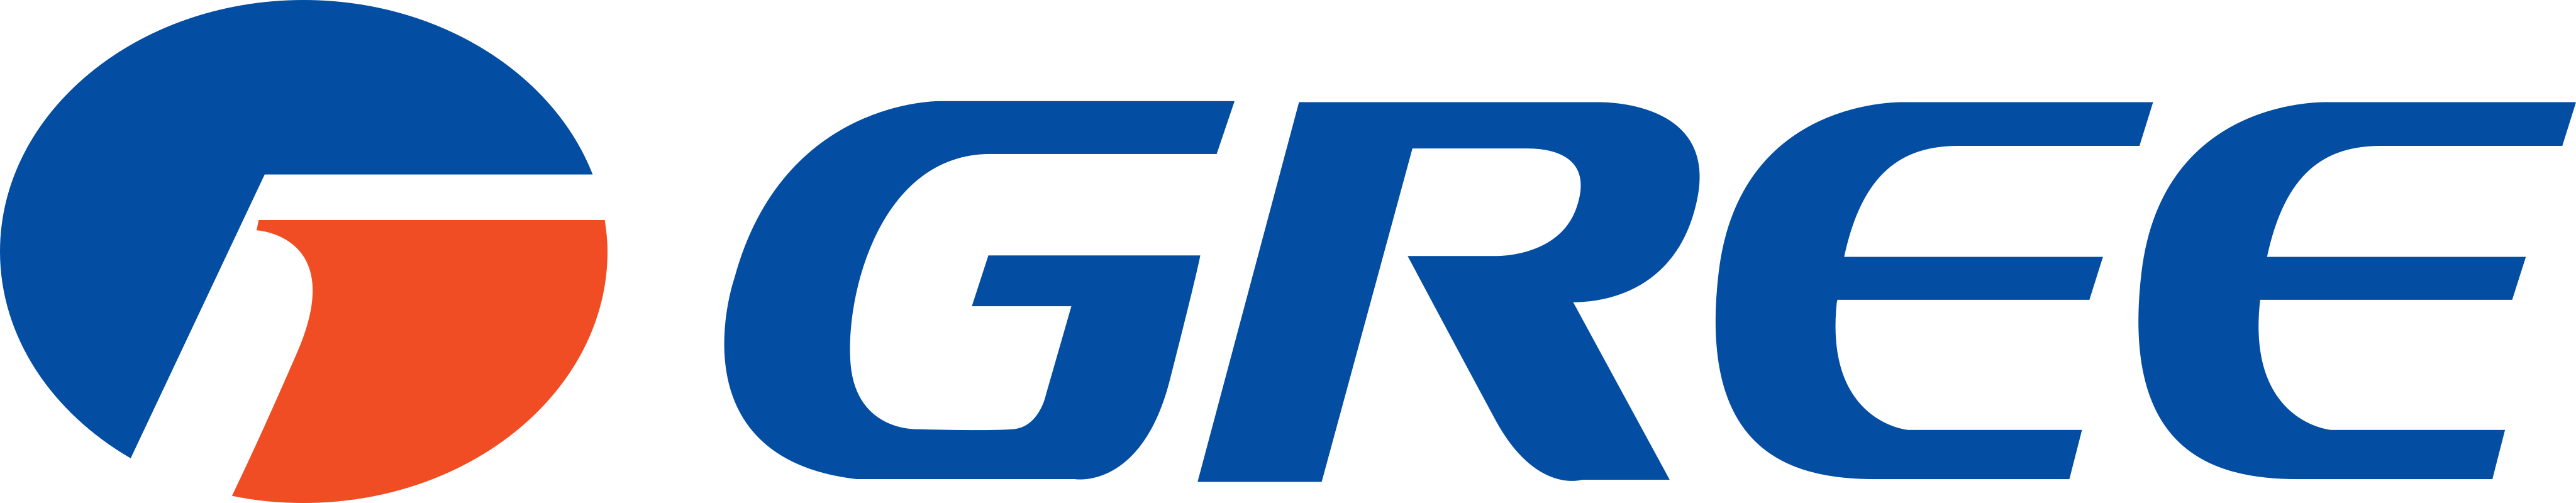 gree logo - Gree Logo